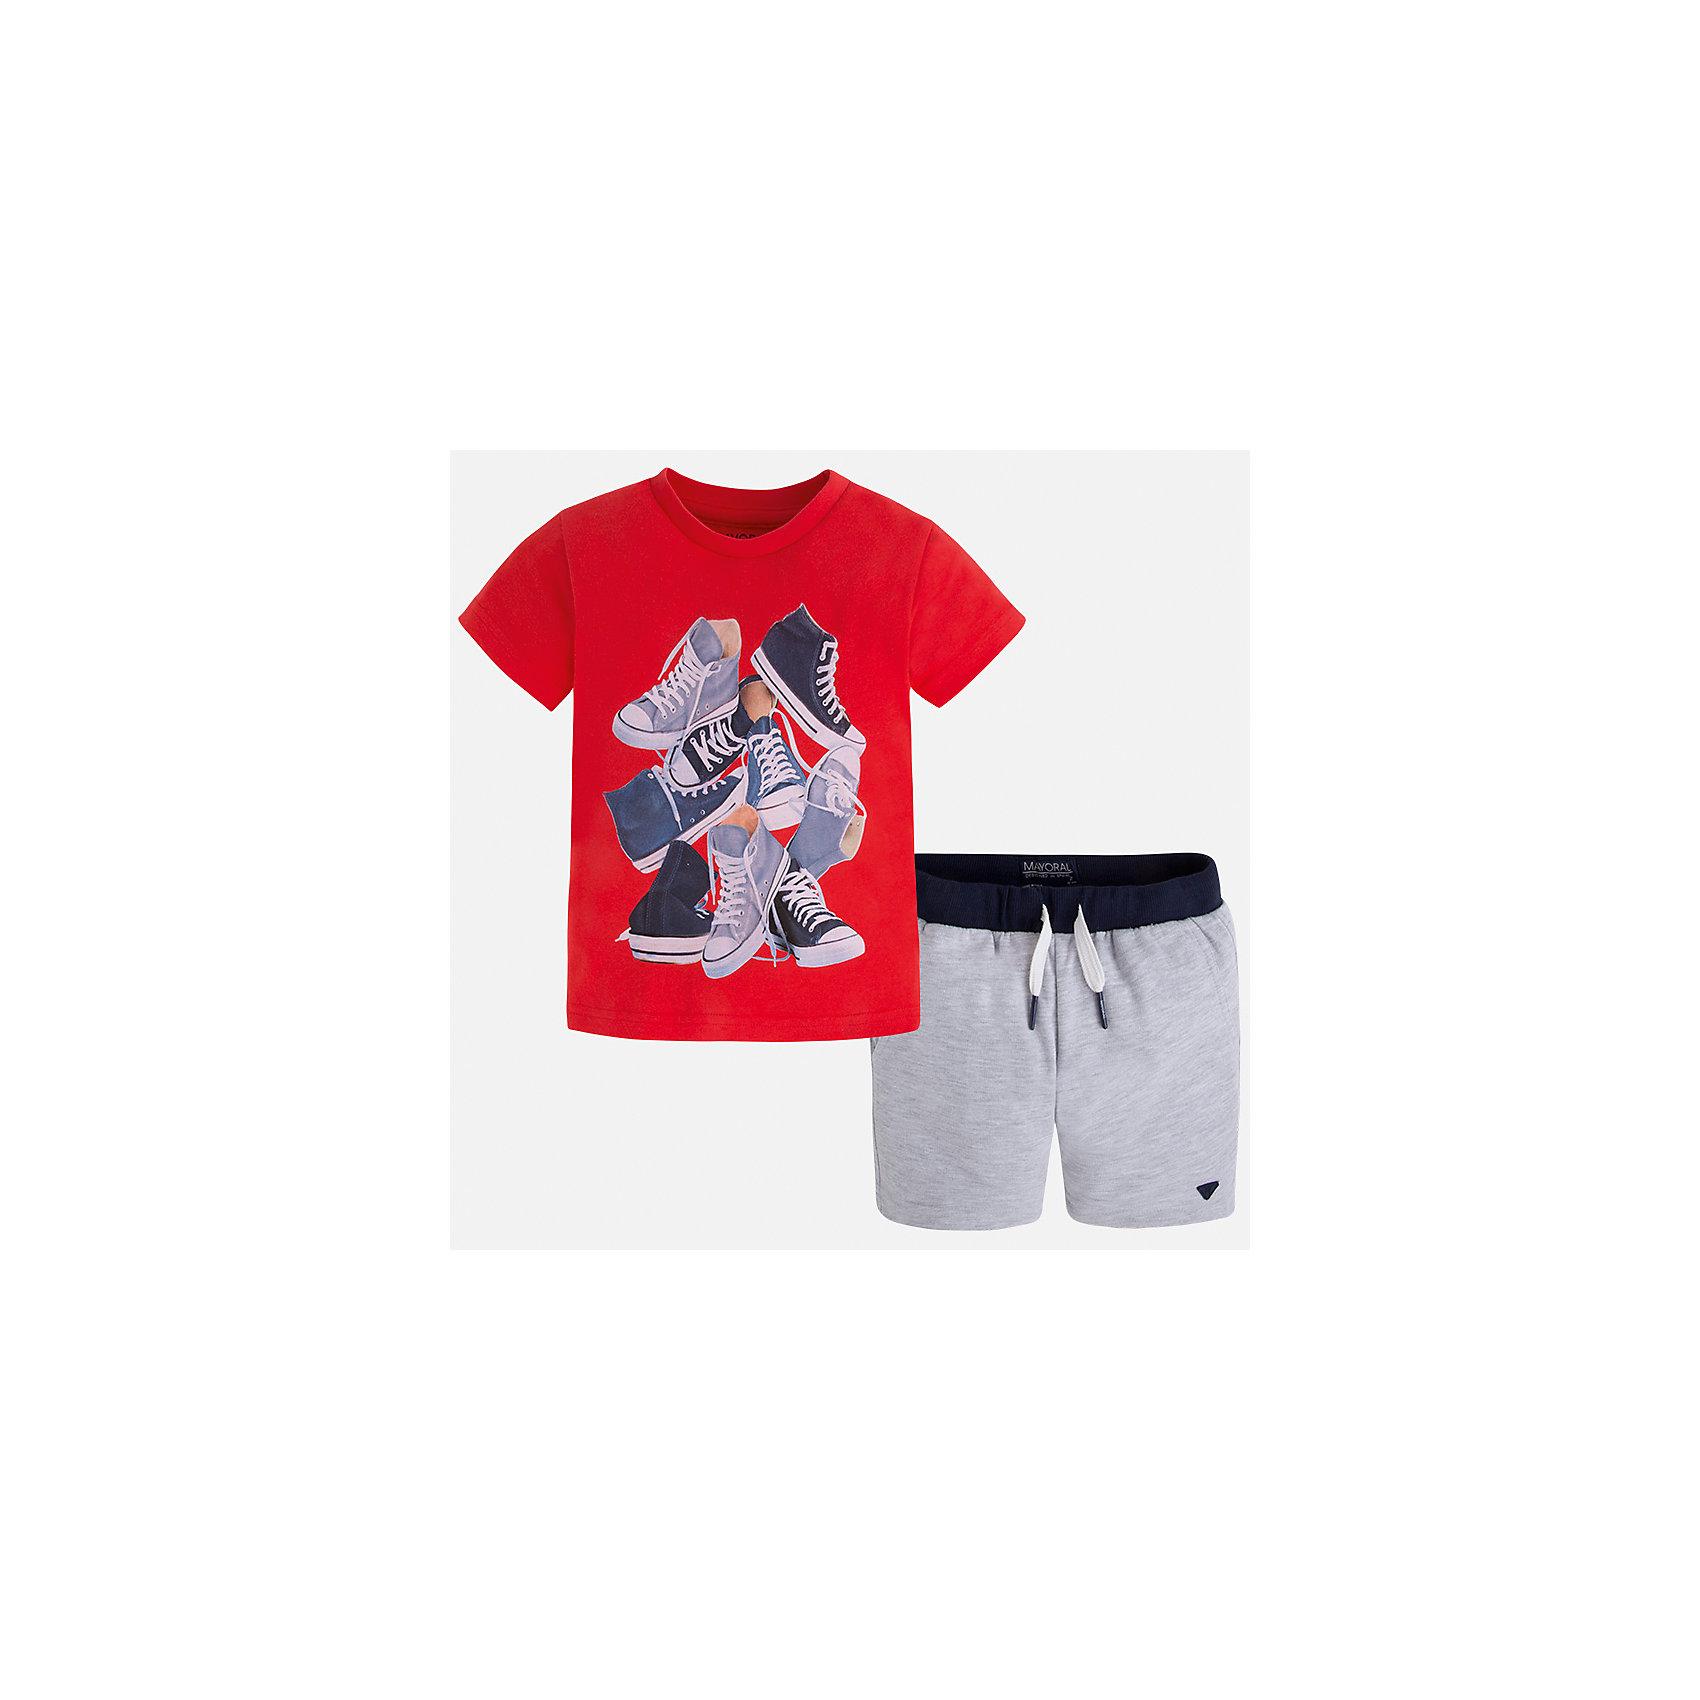 Комплект: футболка и шорты для мальчика MayoralХарактеристики товара:<br><br>• цвет: красный/серый<br>• состав: футболка - 100% хлопок, шорты - 60% хлопок, 40% полиэстер<br>• комплектация: шорты, футболка<br>• круглый горловой вырез<br>• декорирована принтом<br>• короткие рукава<br>• шорты - пояс со шнурком<br>• страна бренда: Испания<br><br>Стильная удобная футболка с принтом и шорты помогут разнообразить гардероб мальчика и удобно одеться. Универсальный цвет позволяет подобрать к вещам верхнюю одежду практически любой расцветки. Интересная отделка модели делает её нарядной и оригинальной. В составе материала - только натуральный хлопок, гипоаллергенный, приятный на ощупь, дышащий.<br><br>Одежда, обувь и аксессуары от испанского бренда Mayoral полюбились детям и взрослым по всему миру. Модели этой марки - стильные и удобные. Для их производства используются только безопасные, качественные материалы и фурнитура. Порадуйте ребенка модными и красивыми вещами от Mayoral! <br><br>Комплект для мальчика от испанского бренда Mayoral (Майорал) можно купить в нашем интернет-магазине.<br><br>Ширина мм: 215<br>Глубина мм: 88<br>Высота мм: 191<br>Вес г: 336<br>Цвет: красный<br>Возраст от месяцев: 18<br>Возраст до месяцев: 24<br>Пол: Мужской<br>Возраст: Детский<br>Размер: 92,128,134,122,116,110,104,98<br>SKU: 5280991